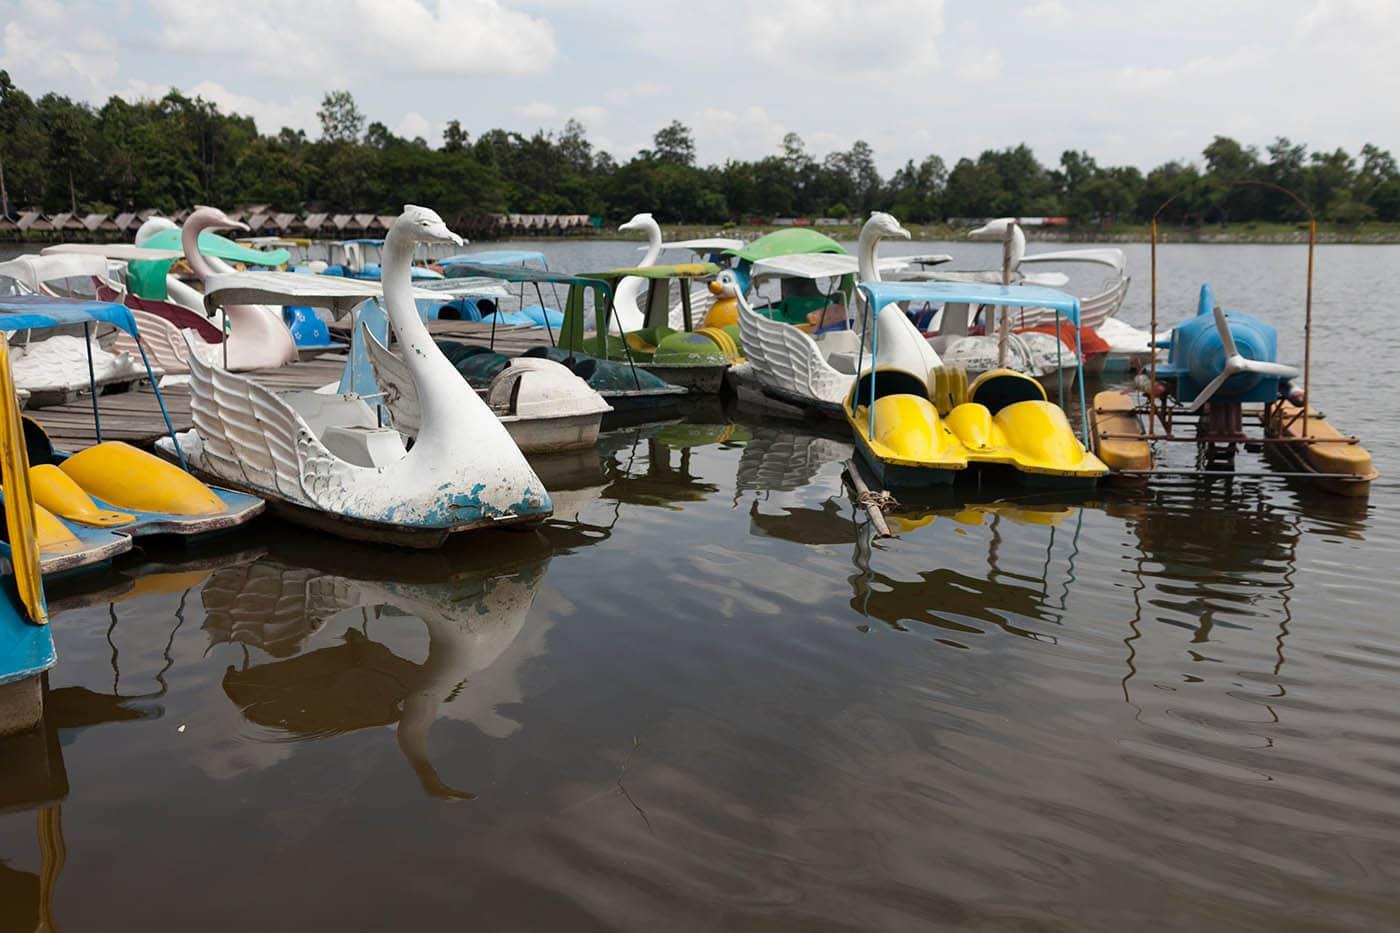 Swam boats at Huay Tung Tao Lake in Chiang Mai, Thailand.